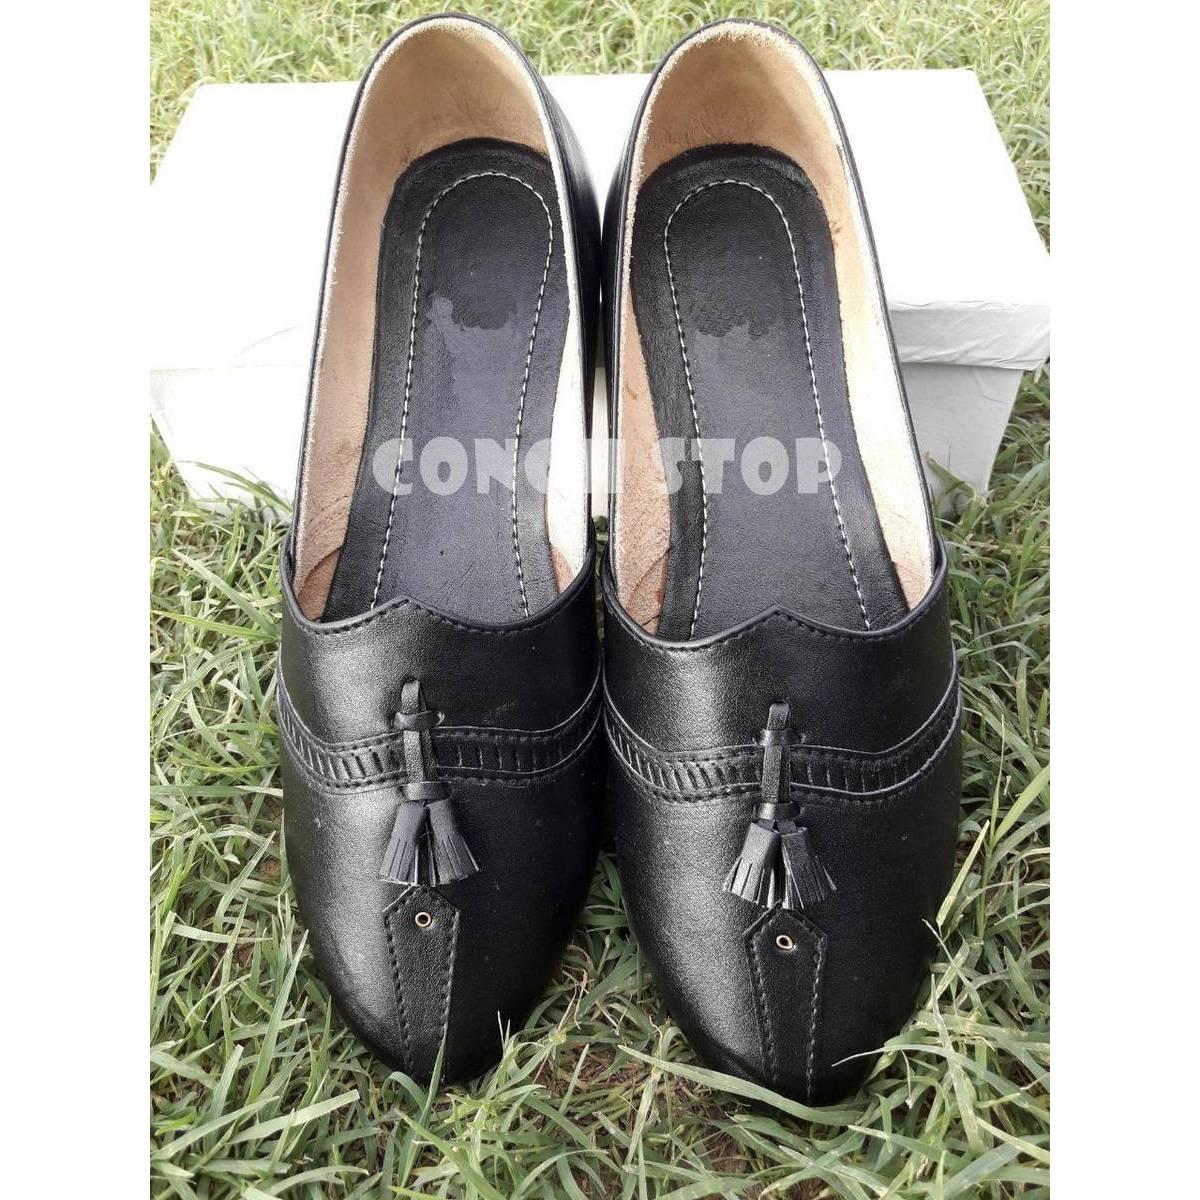 Trendy Khussa Style Shoes for Men   Best Stylish Black Khussa for Men